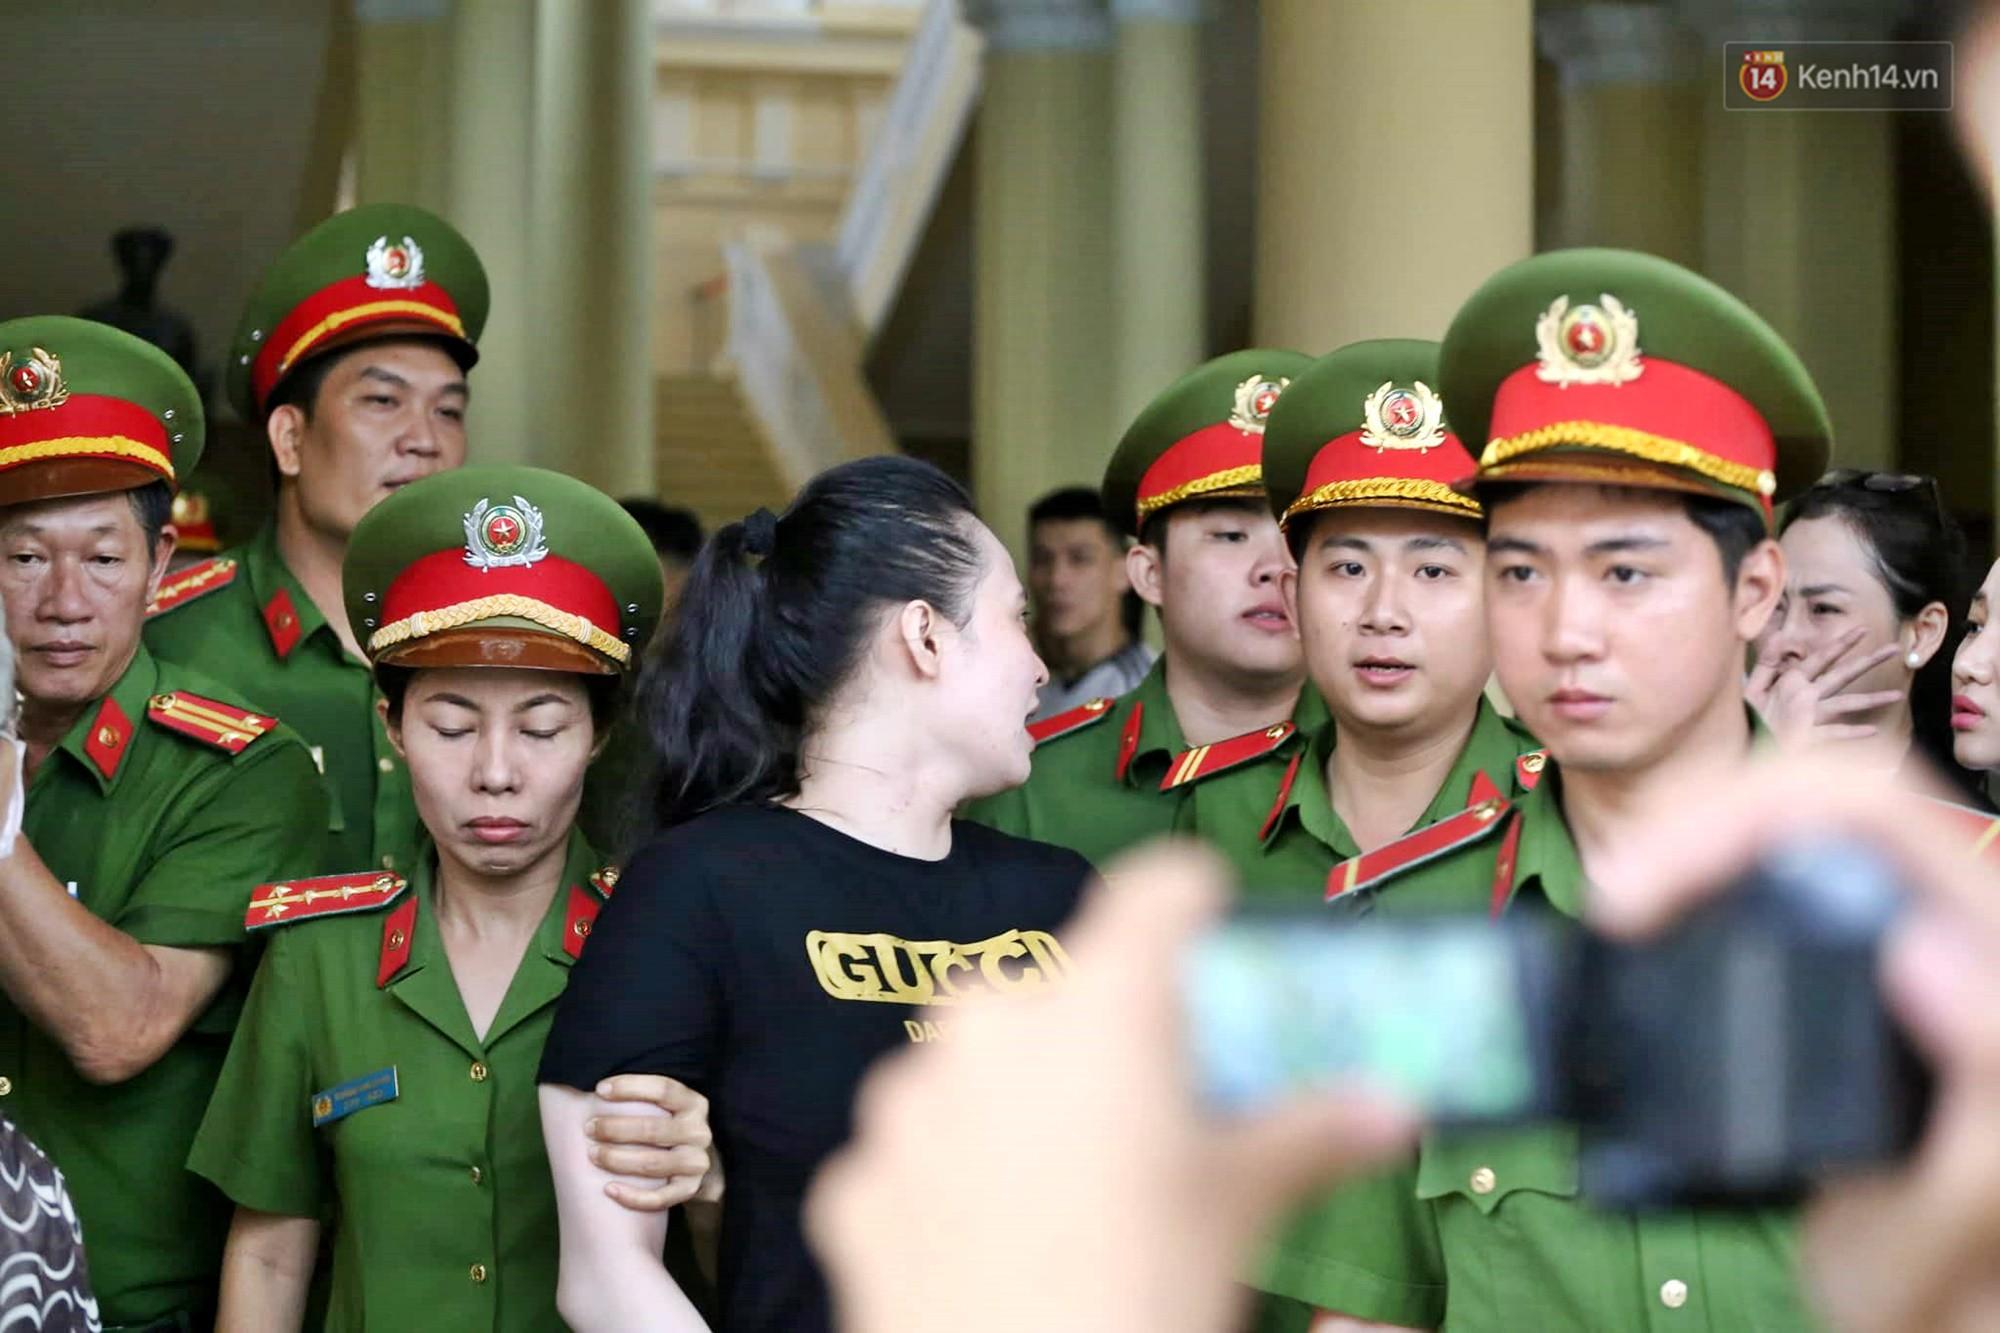 Trùm ma túy Văn Kính Dương giơ tay chào người thân, hot girl Ngọc Miu khóc khi bị áp giải ra xe sau phiên xét xử ngày thứ 2-3